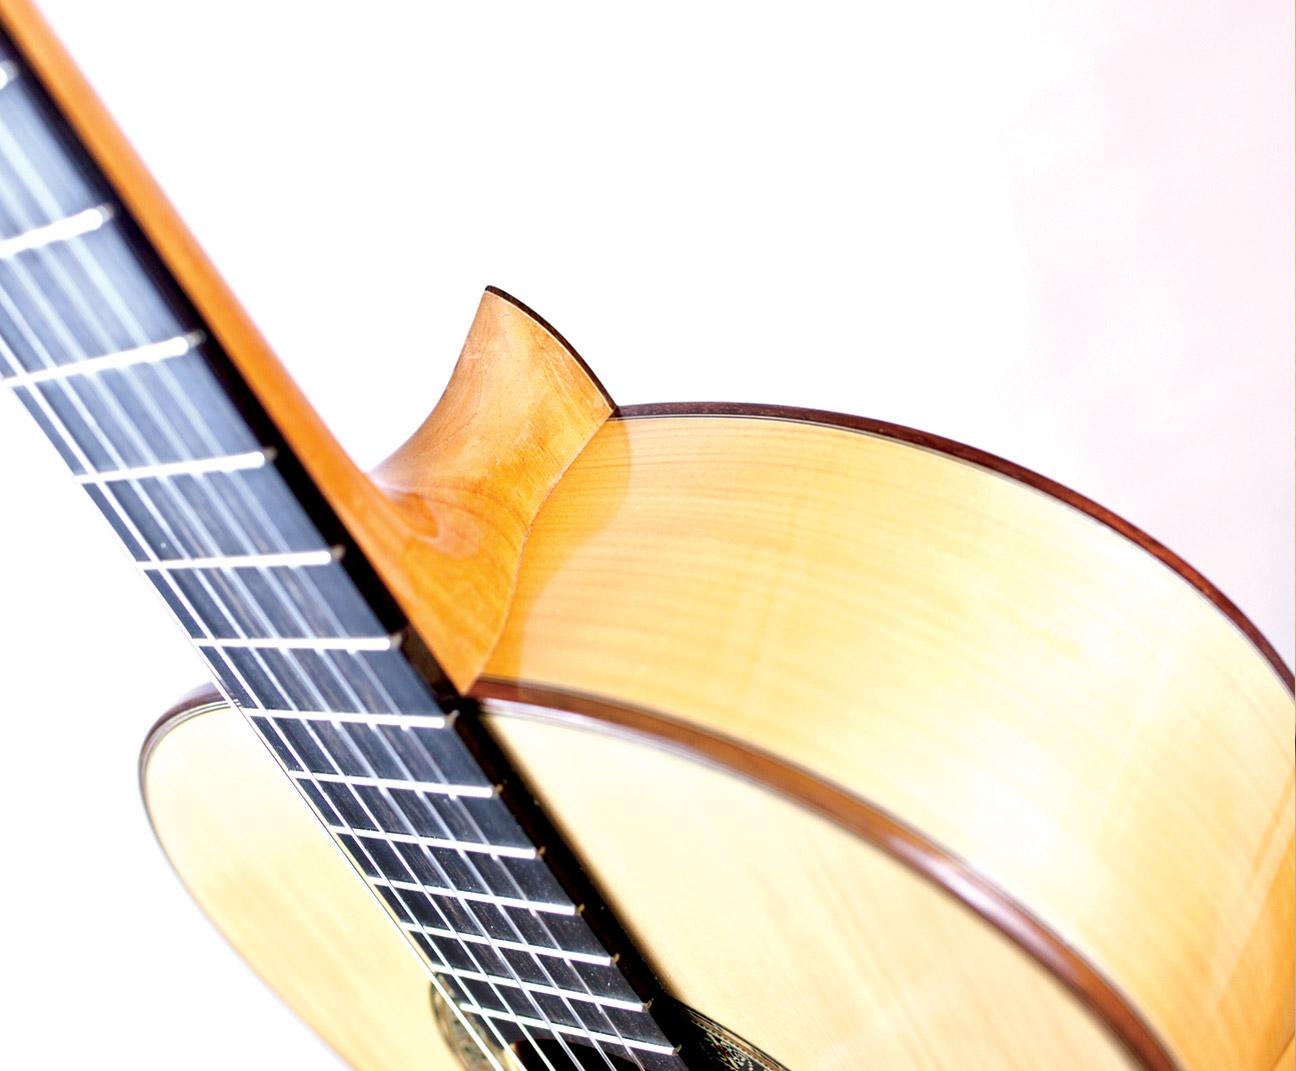 Cesarini Classical Guitars